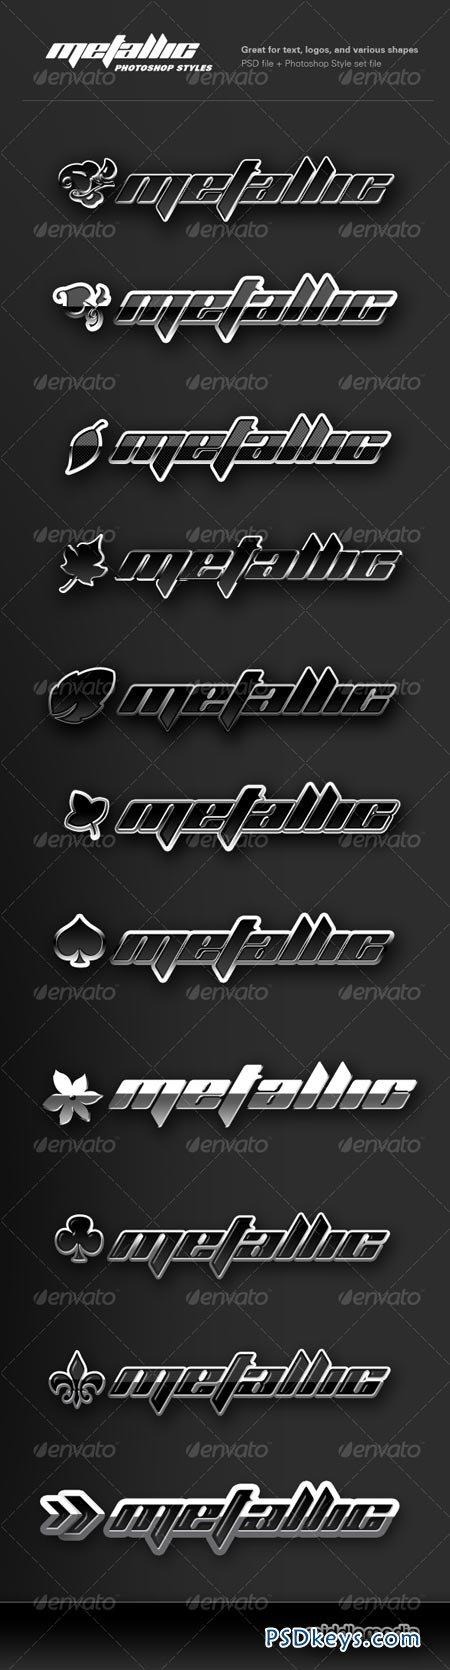 Metallic Chrome Photoshop Styles 116361